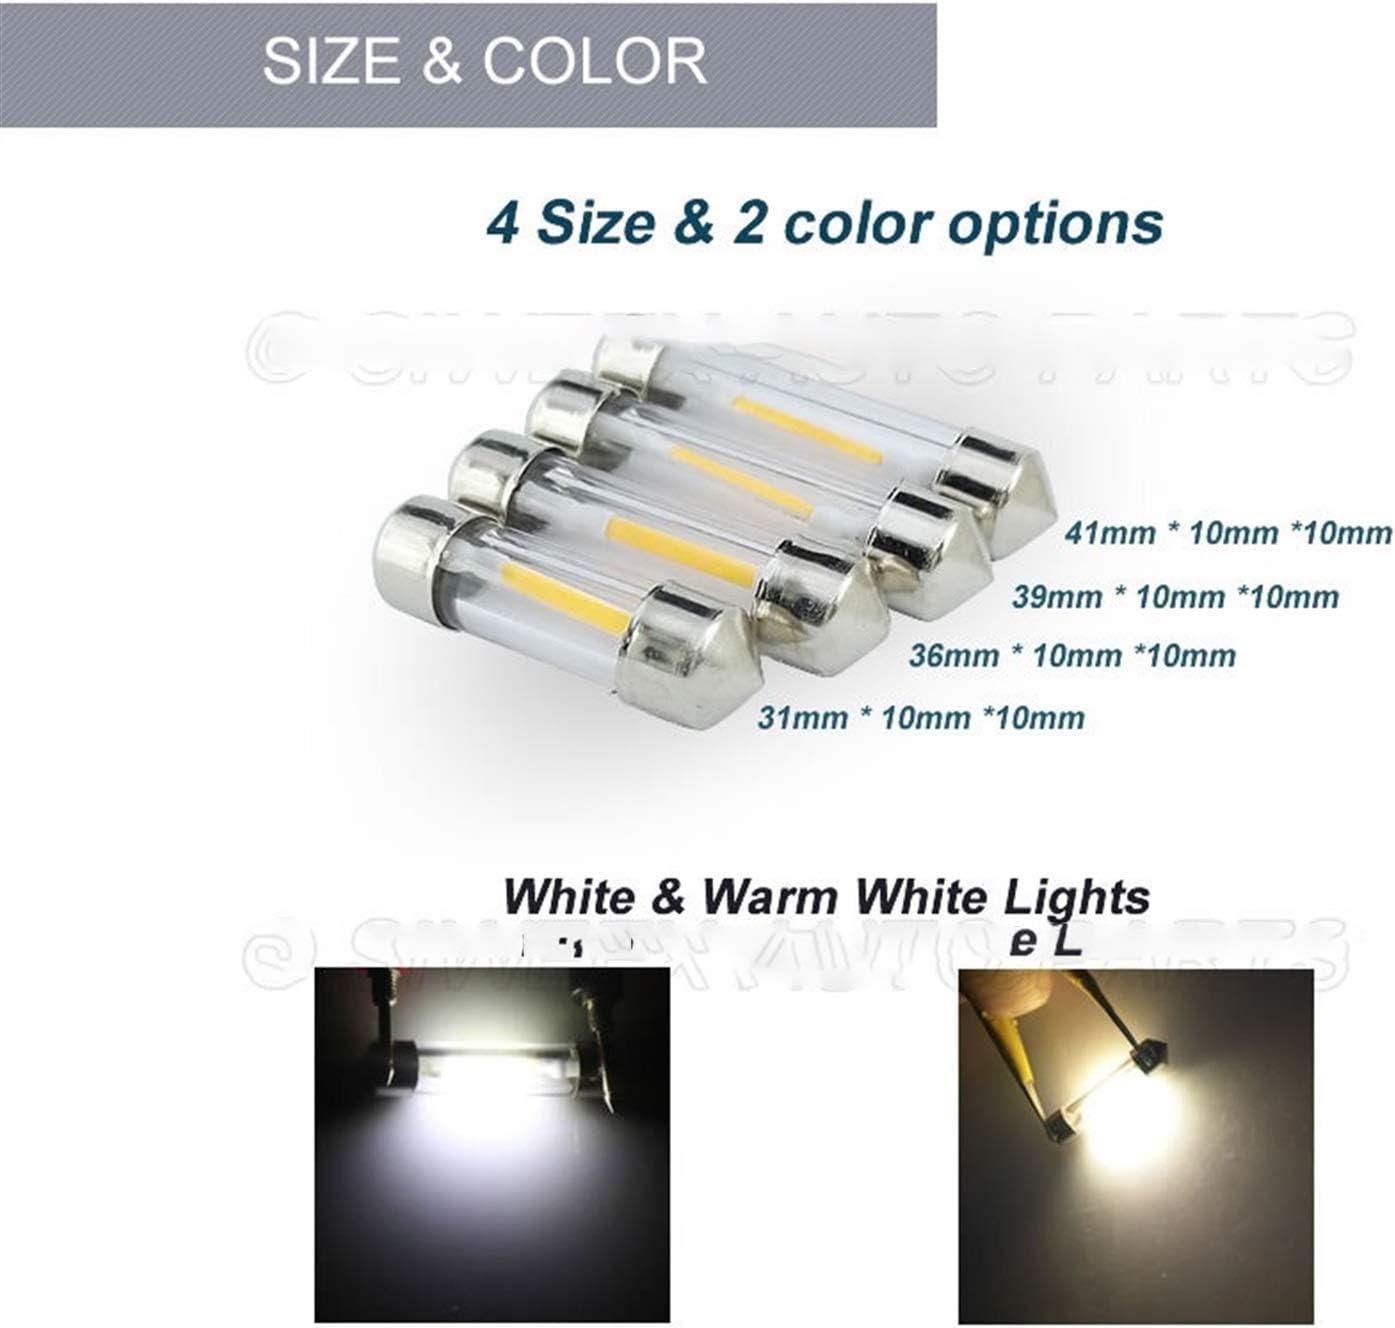 GSDGBDFE 2 pz 31mm 31mm 36mm 39mm 41mm Auto Dome Festoon Lights Indicatore Lampadina Lettura Mappa Lampato Lampada DC 12V Bianco Caldo Bianco Color Temperature : 31MM, Emitting Color : White